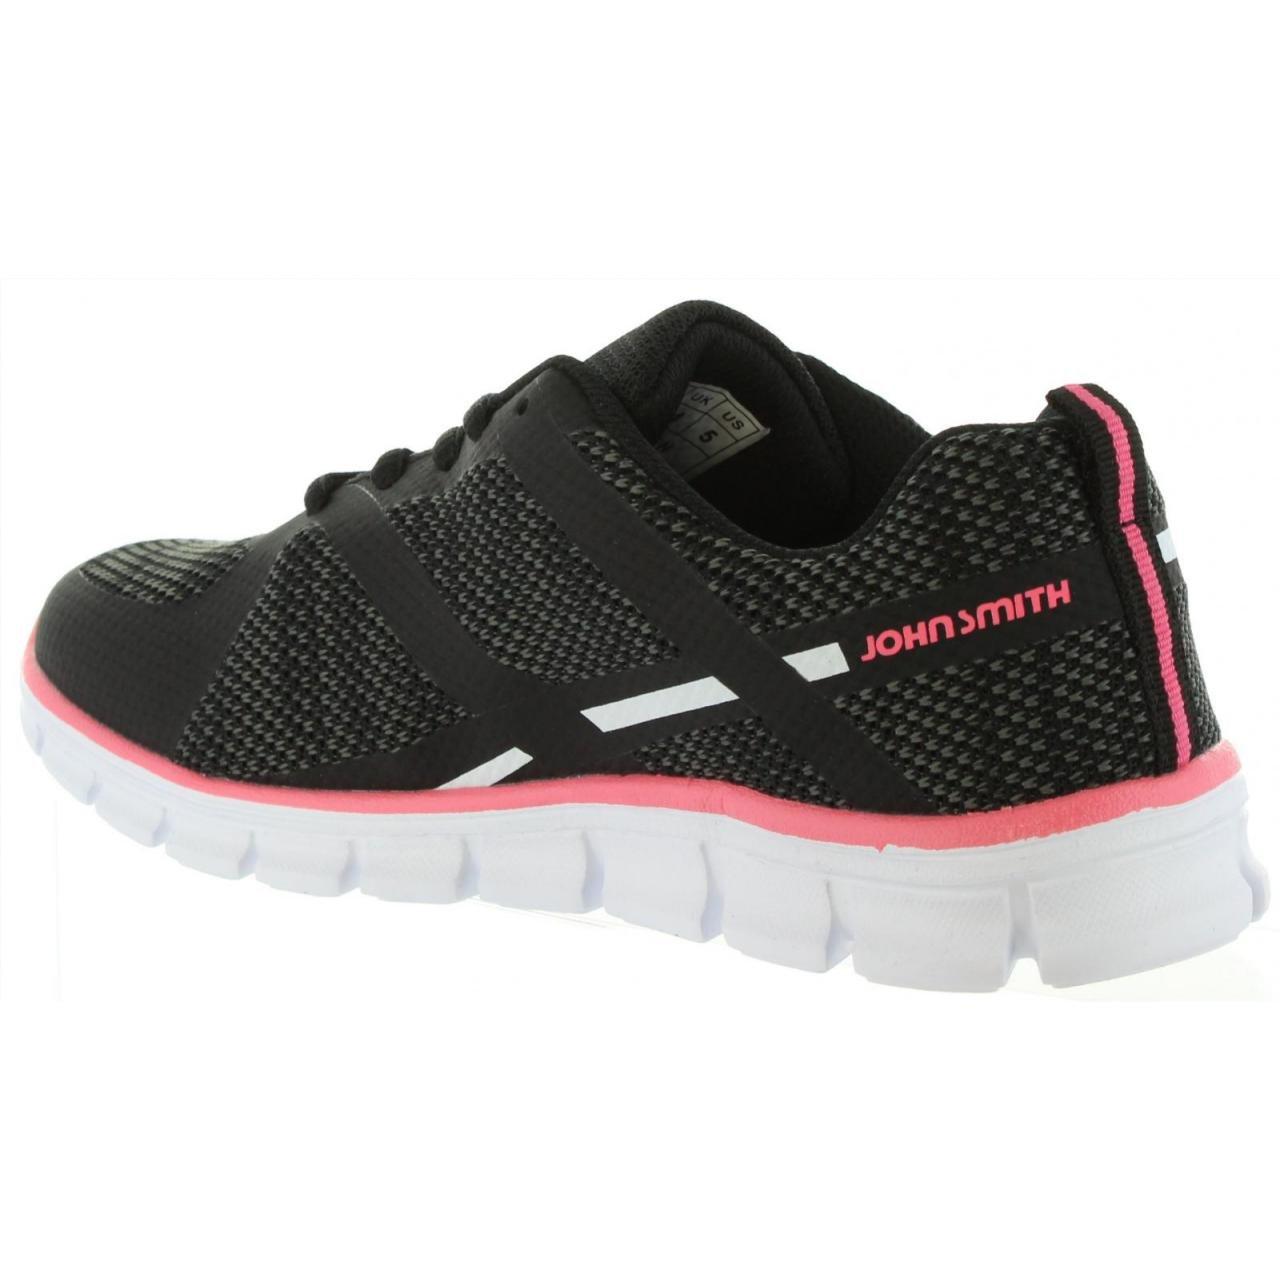 John Smith Zapatillas Deporte de Mujer RULEN Negro: Amazon.es: Zapatos y complementos